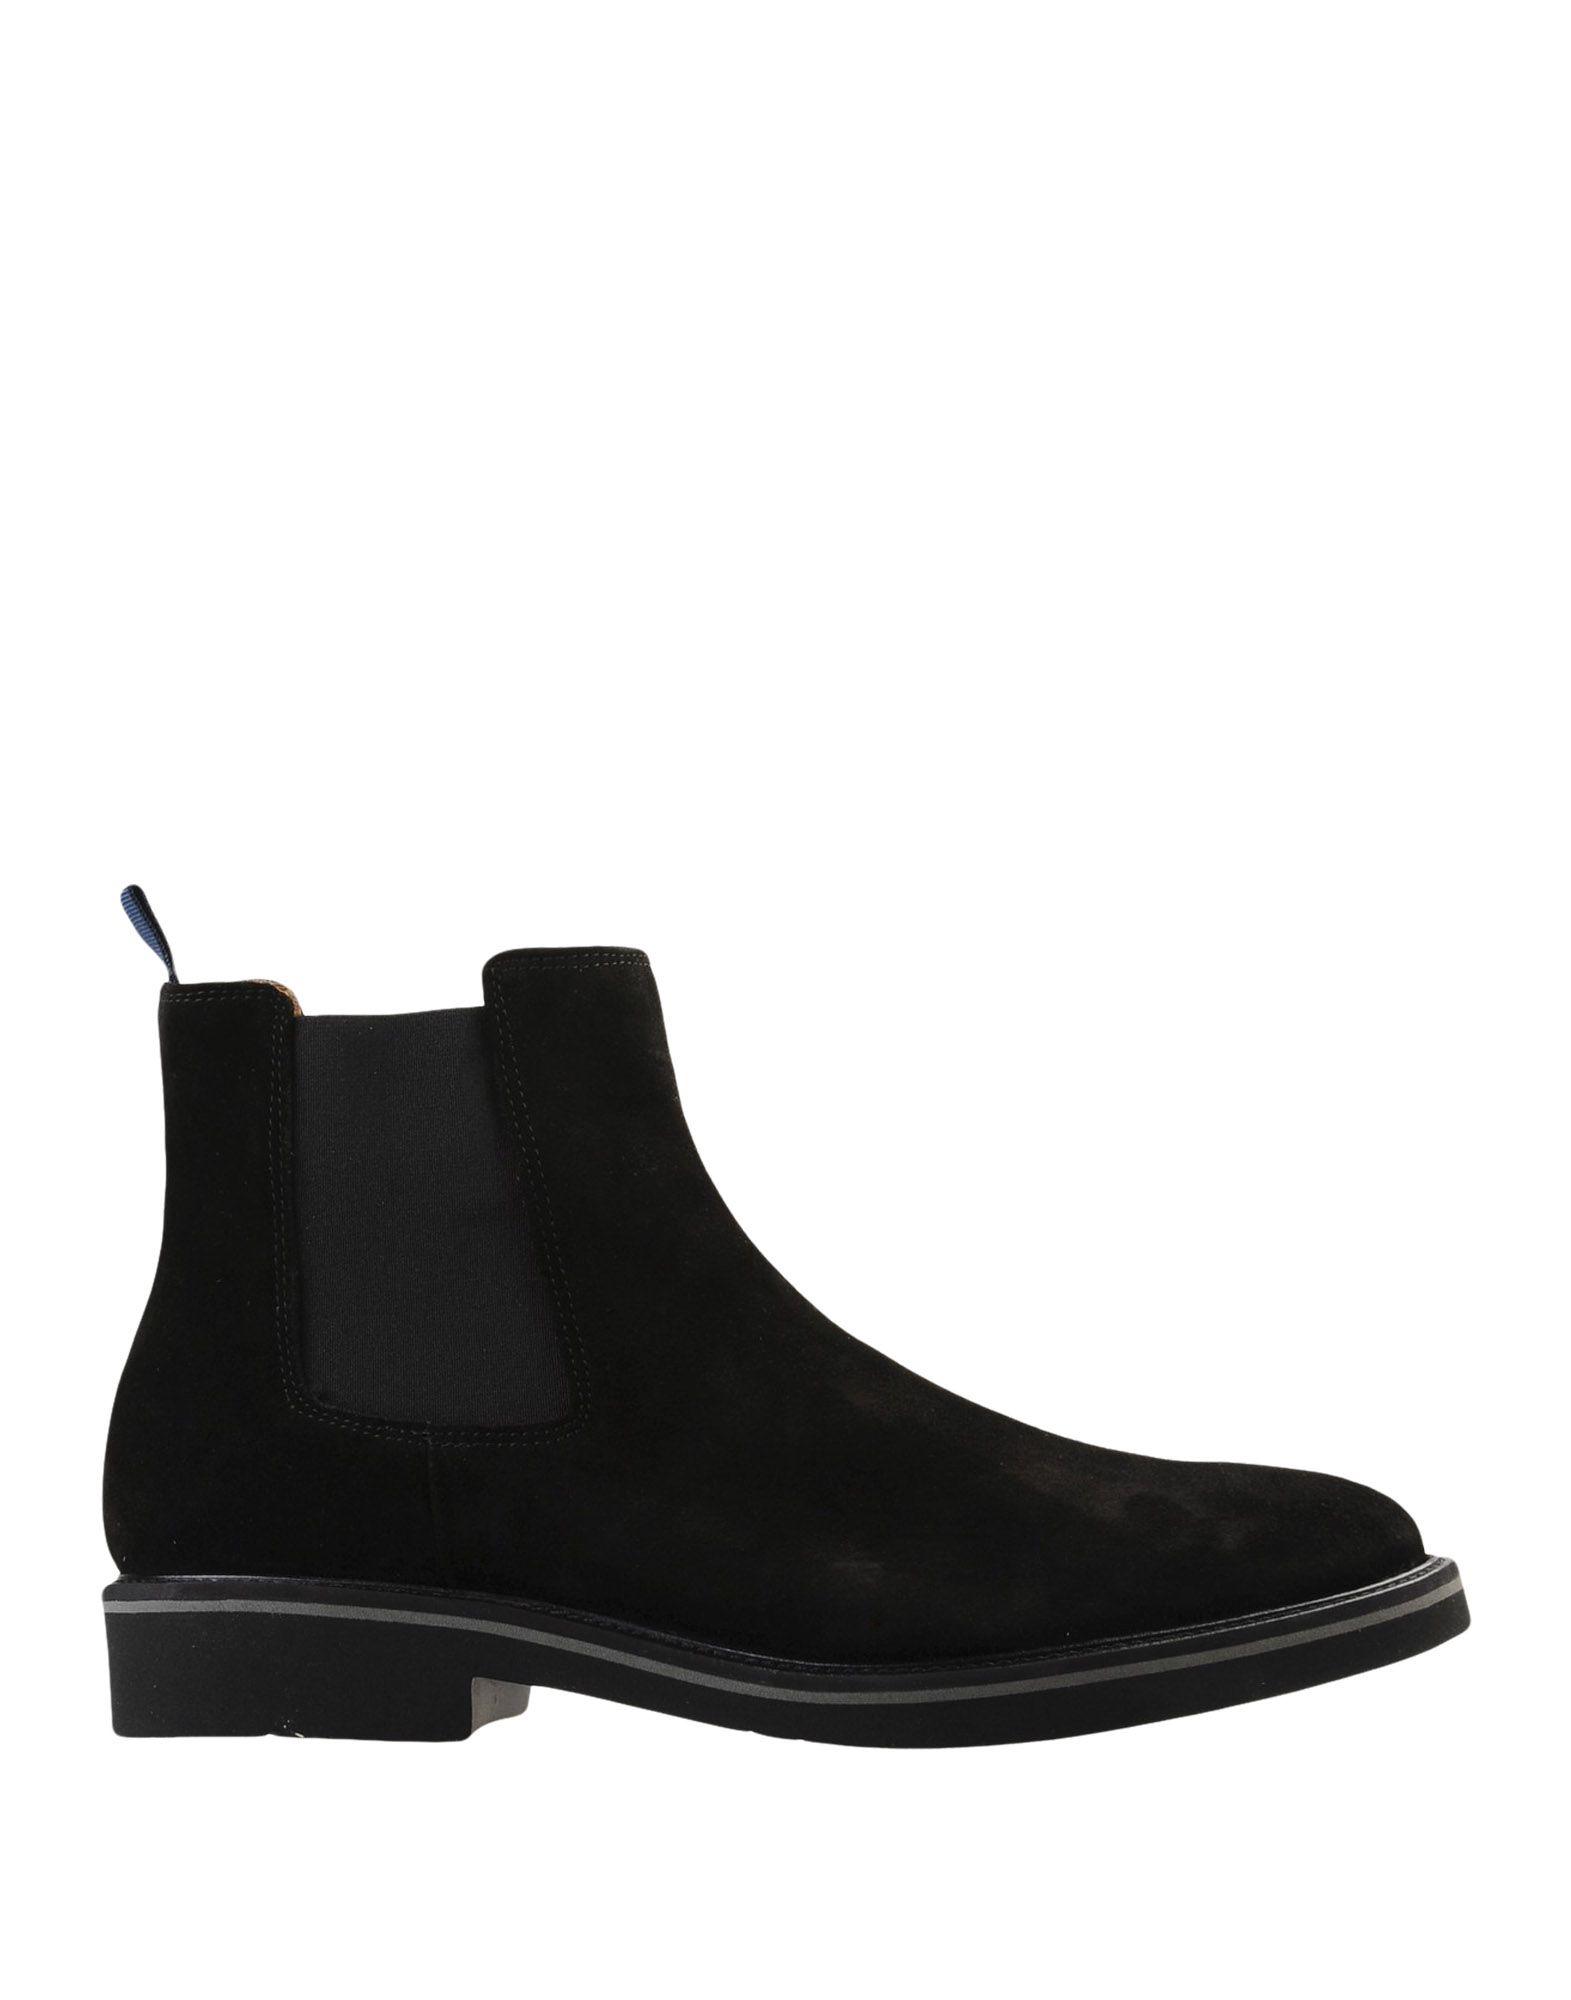 THE WILLA Полусапоги и высокие ботинки